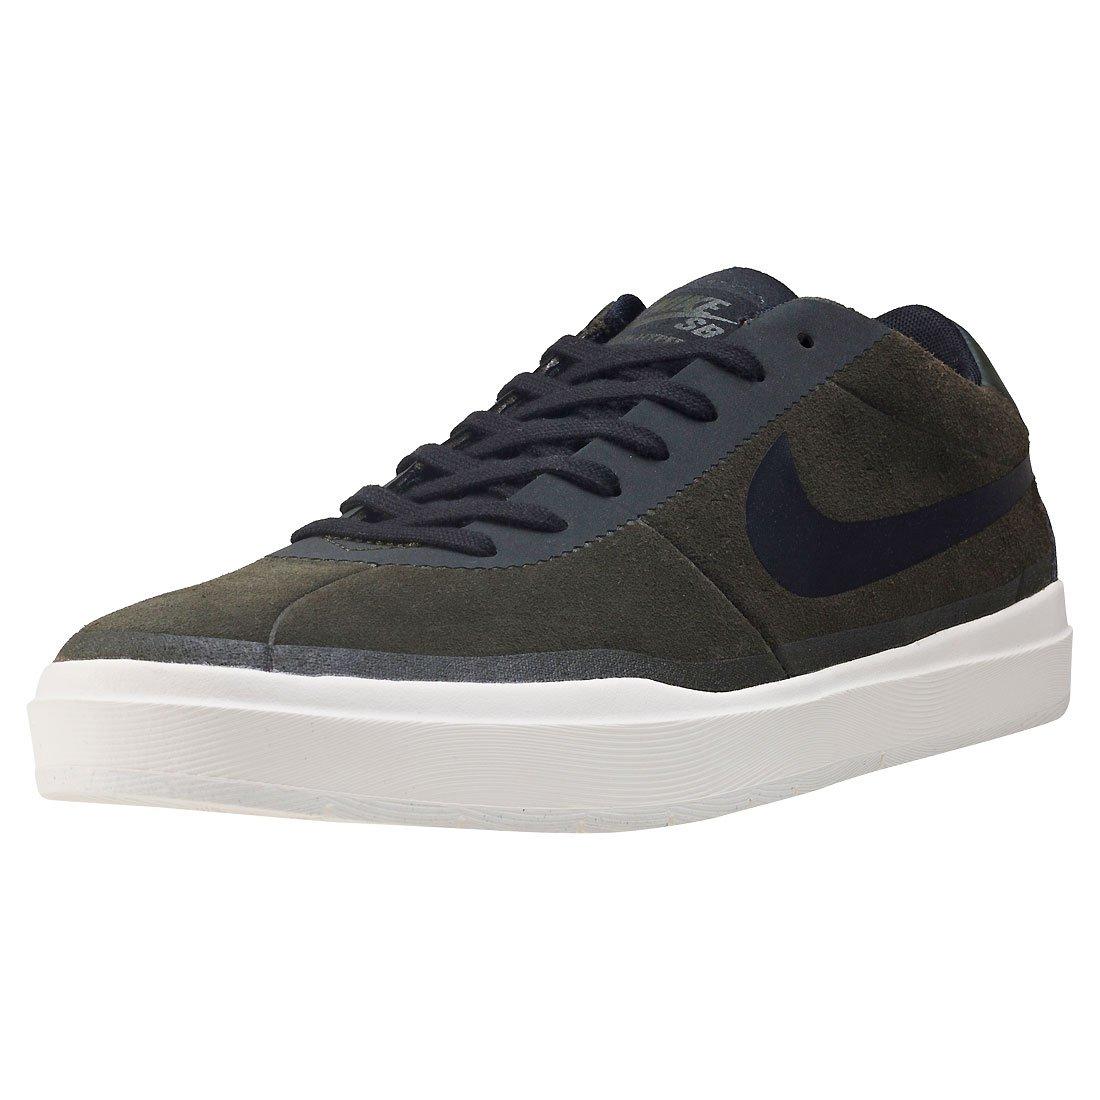 Nike Herren SB Bruin Hyperfeel  46 EU|Dunkelgr眉n (Sequoia/Black/Sail)